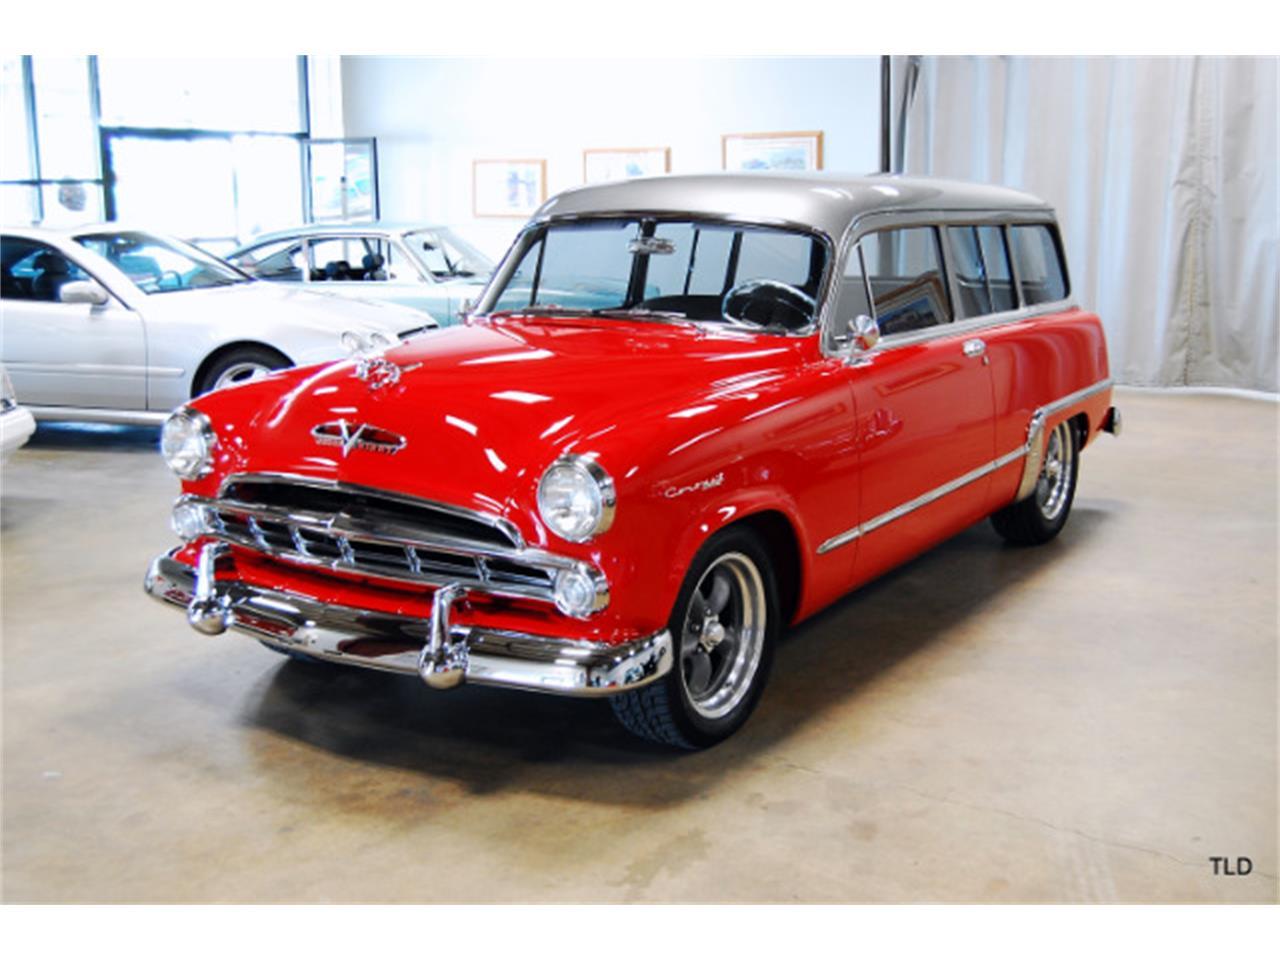 Large Picture of Classic '53 Coronet - $48,000.00 - L6DA